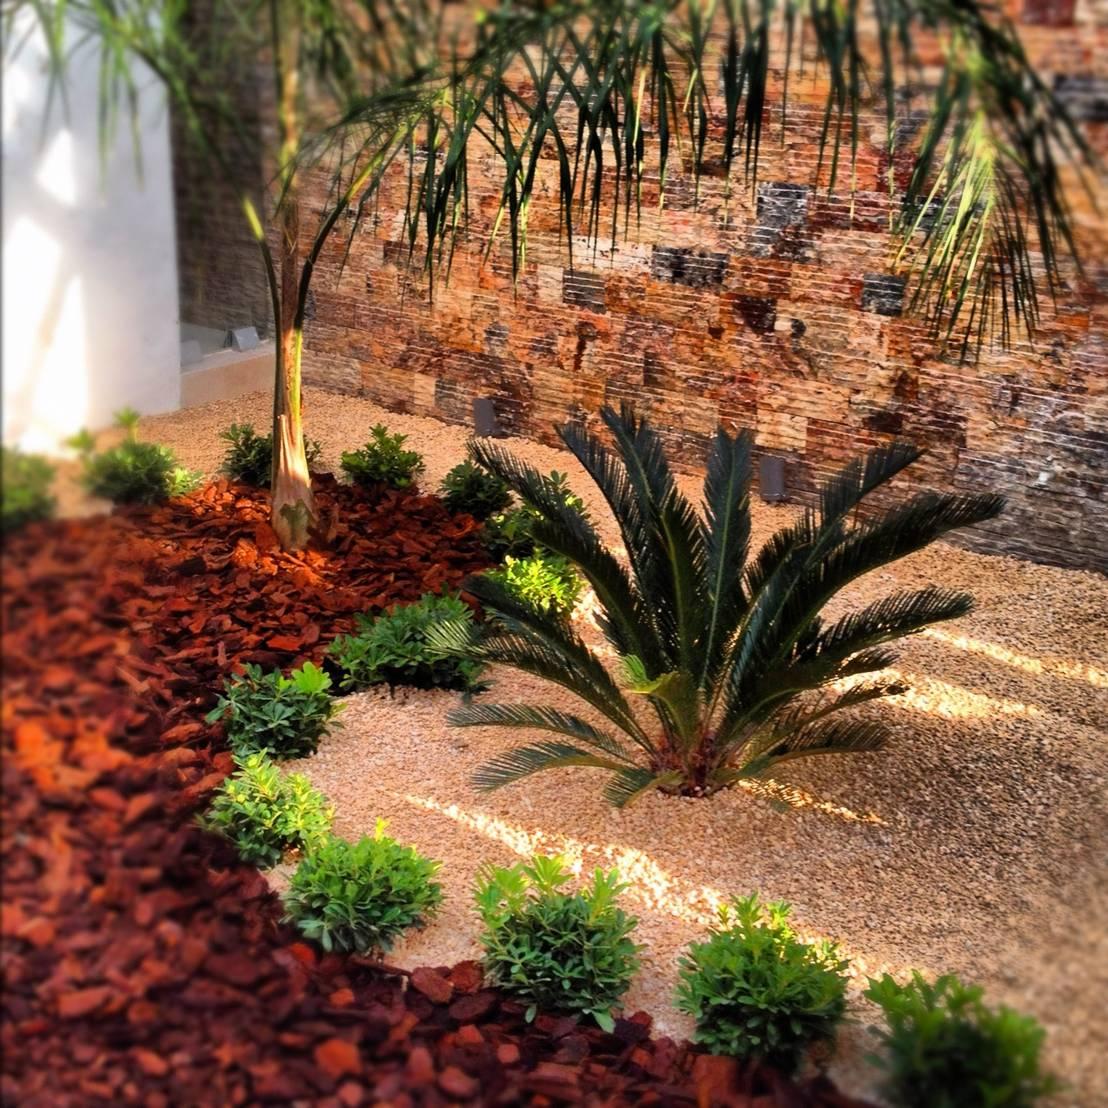 Jardines mexicanos 10 dise os frescos y modernos for Jardines exteriores pequenos para casas